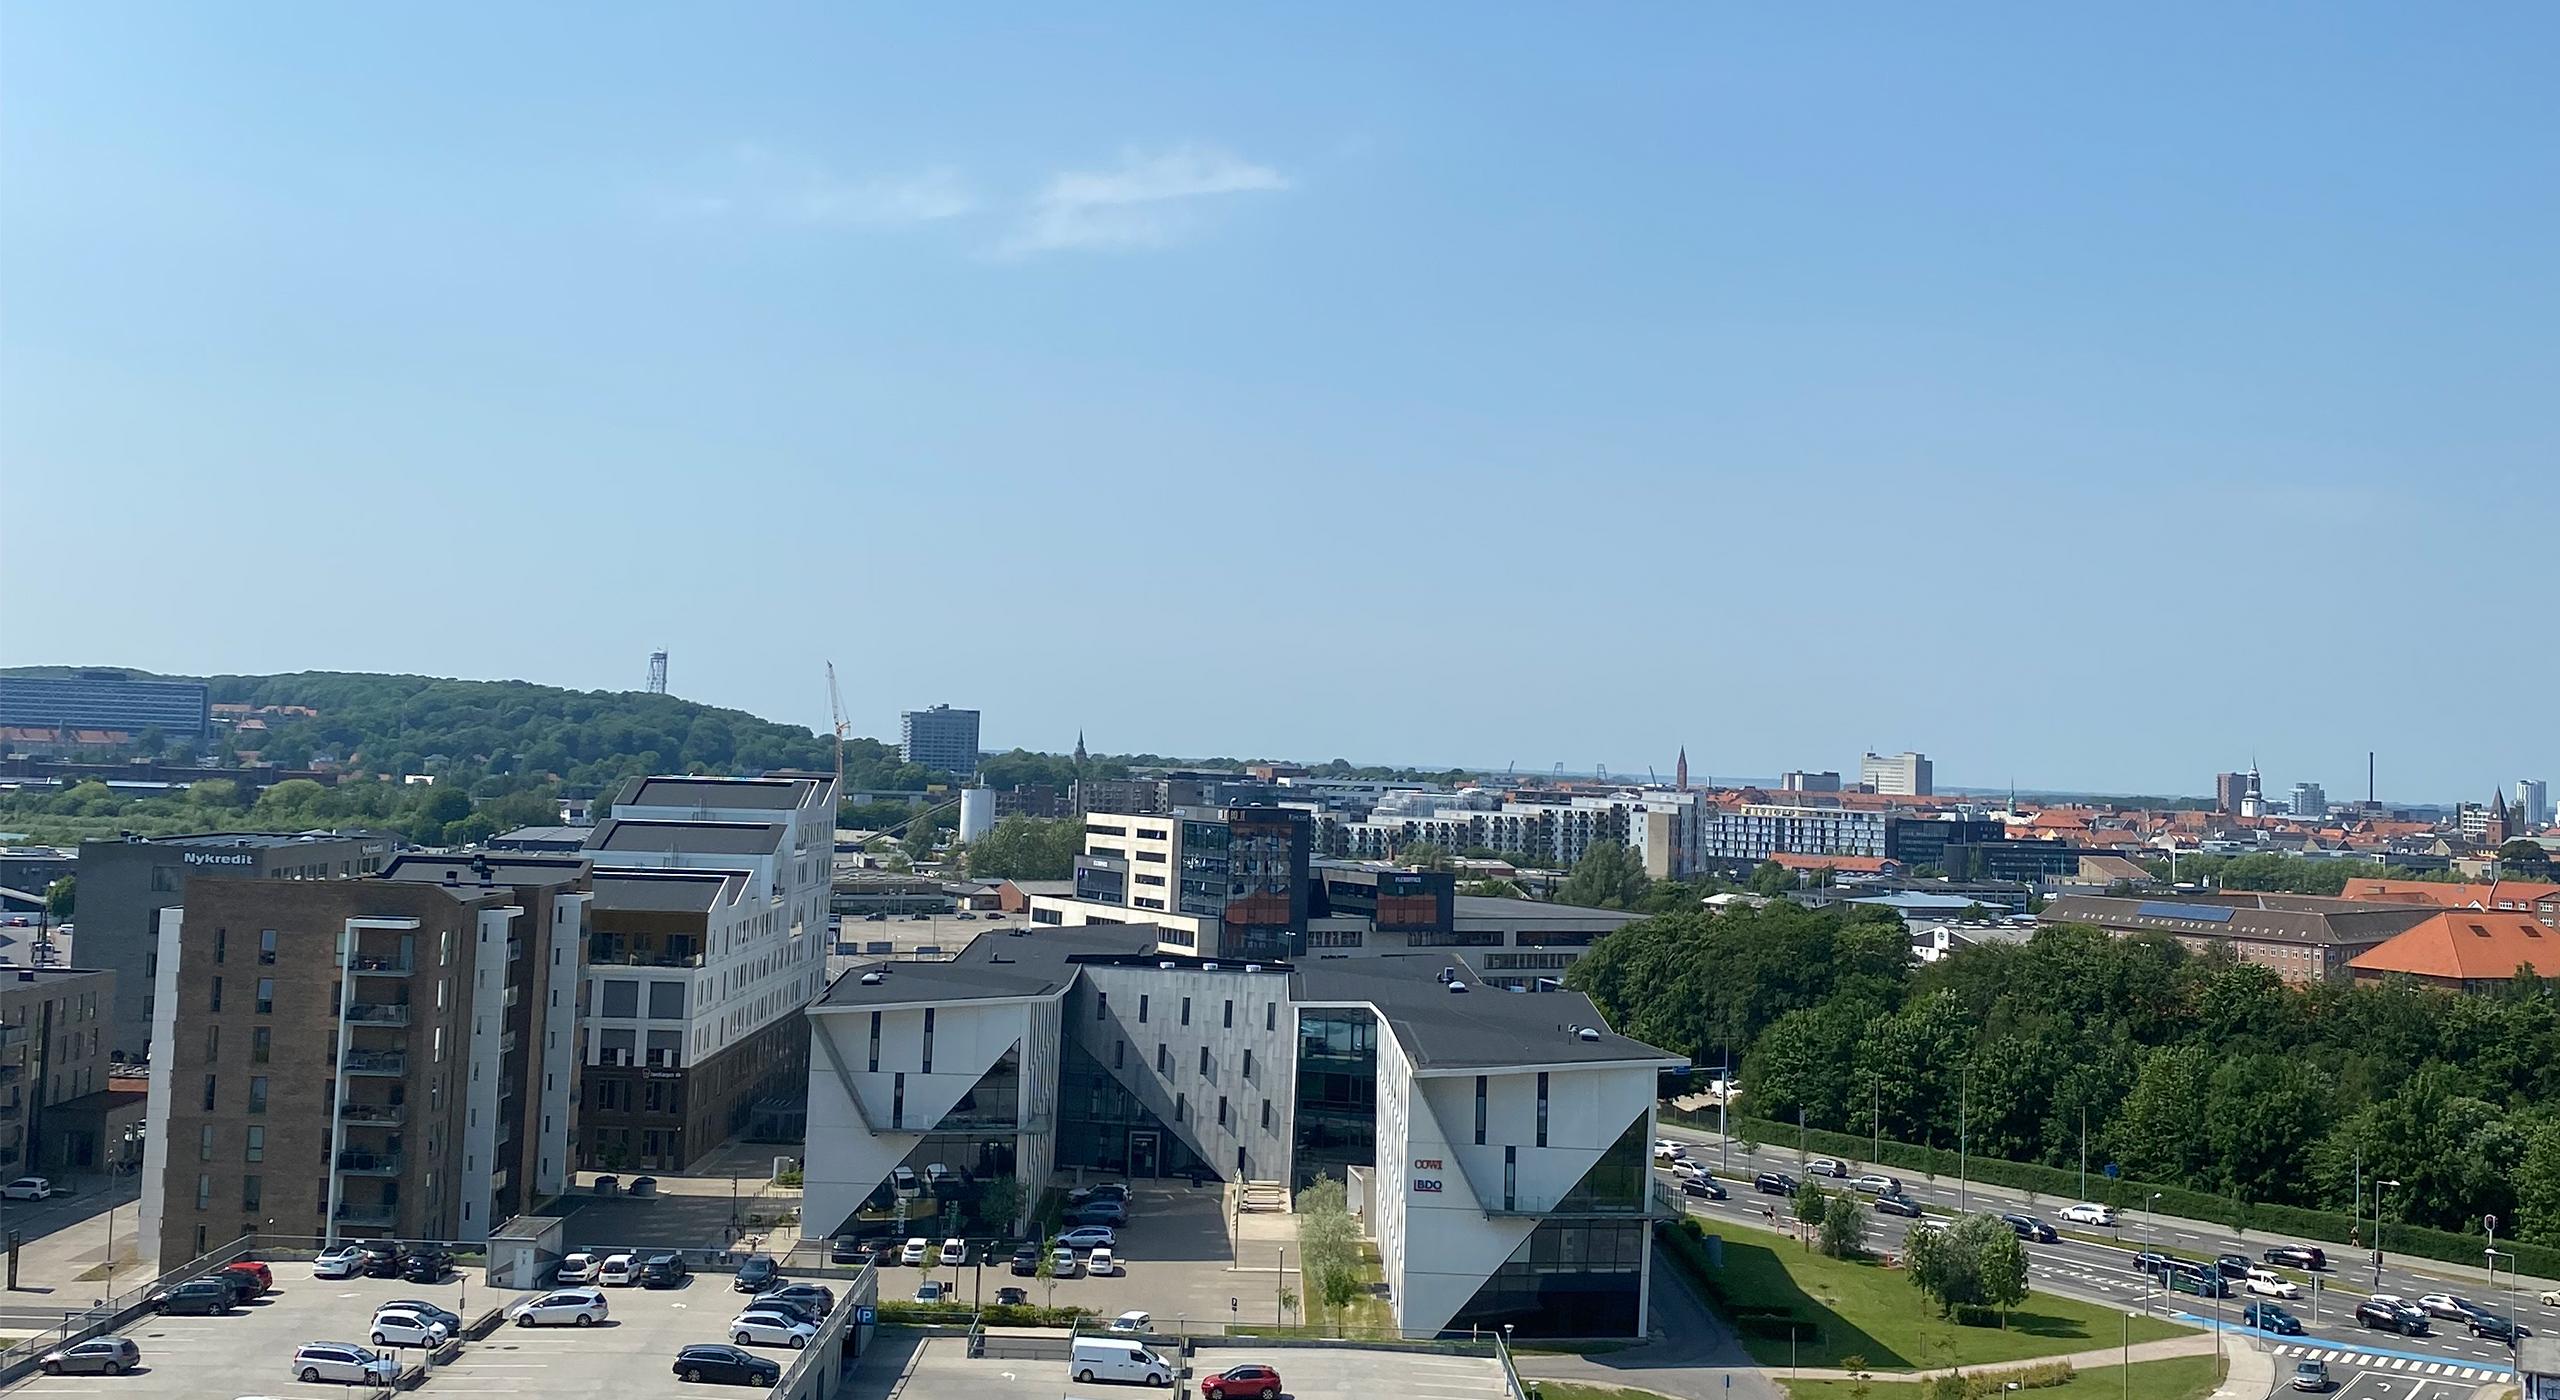 Den vildeste udsigt: Her kan du bo helt eksklusivt på toppen af Aalborg